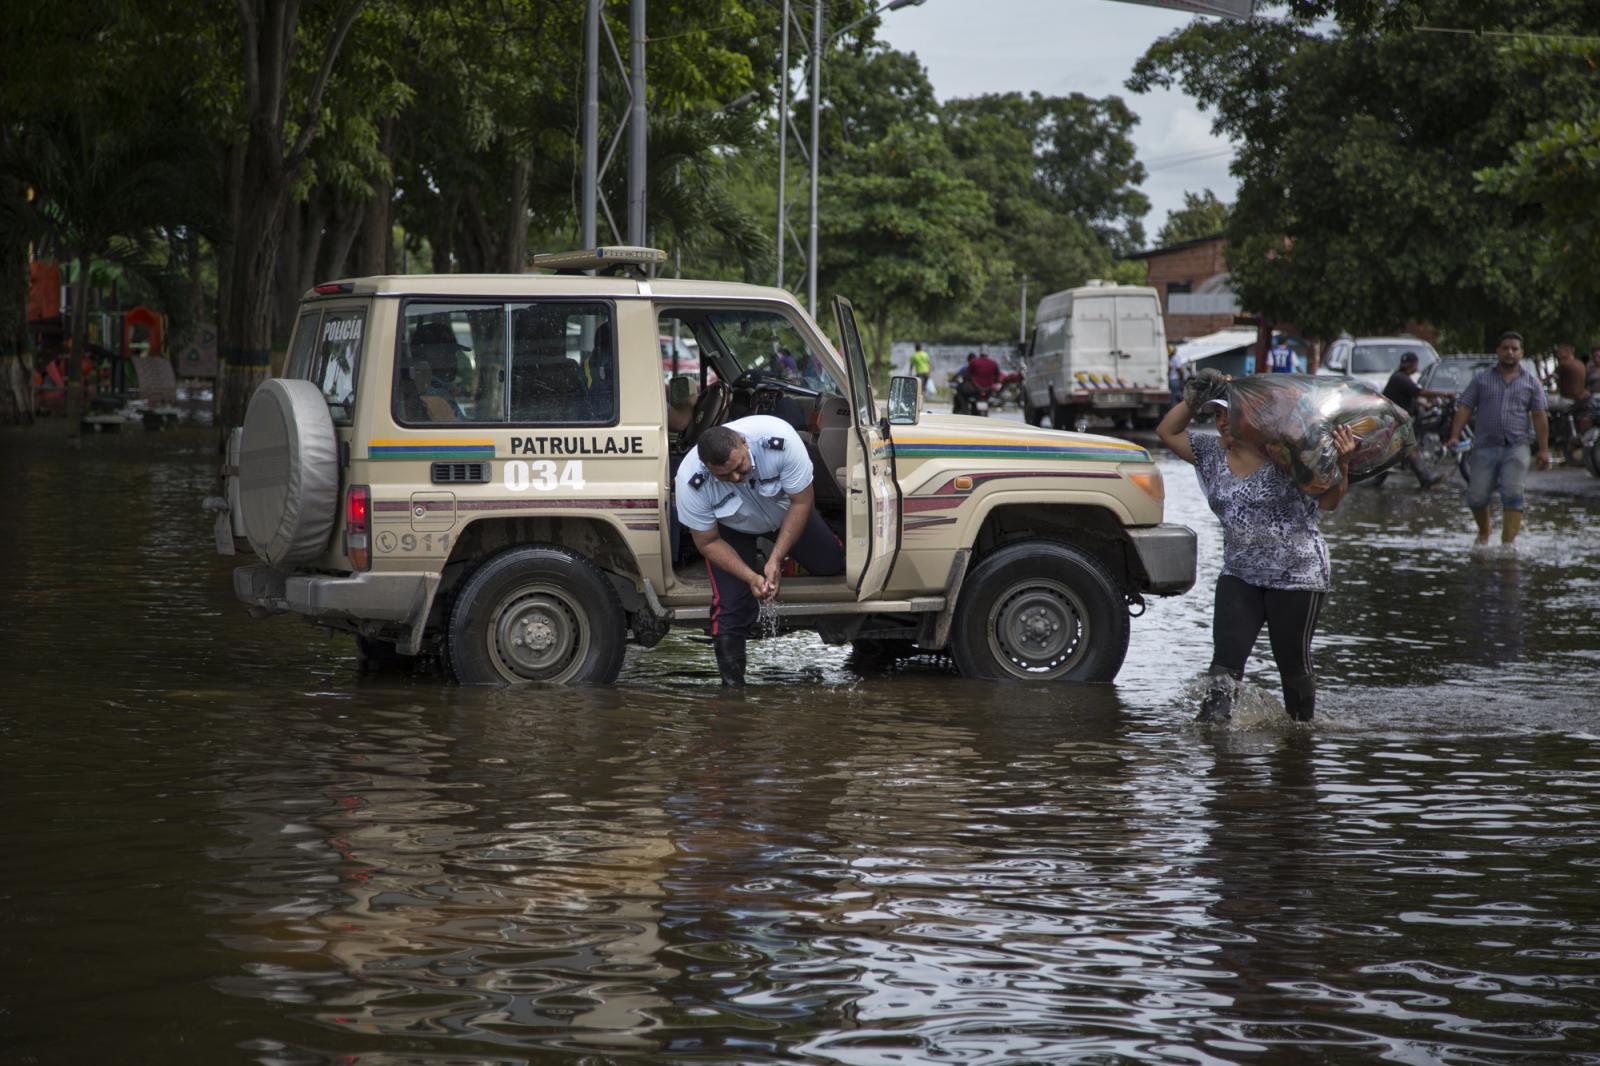 Un policía se lava las manos en el agua estancada producto de la inundación, mientras una mujer carga en sus hombros una bolsa de ropa seca, en Guasdualito, estado Apure, el 5 de julio de 2015.